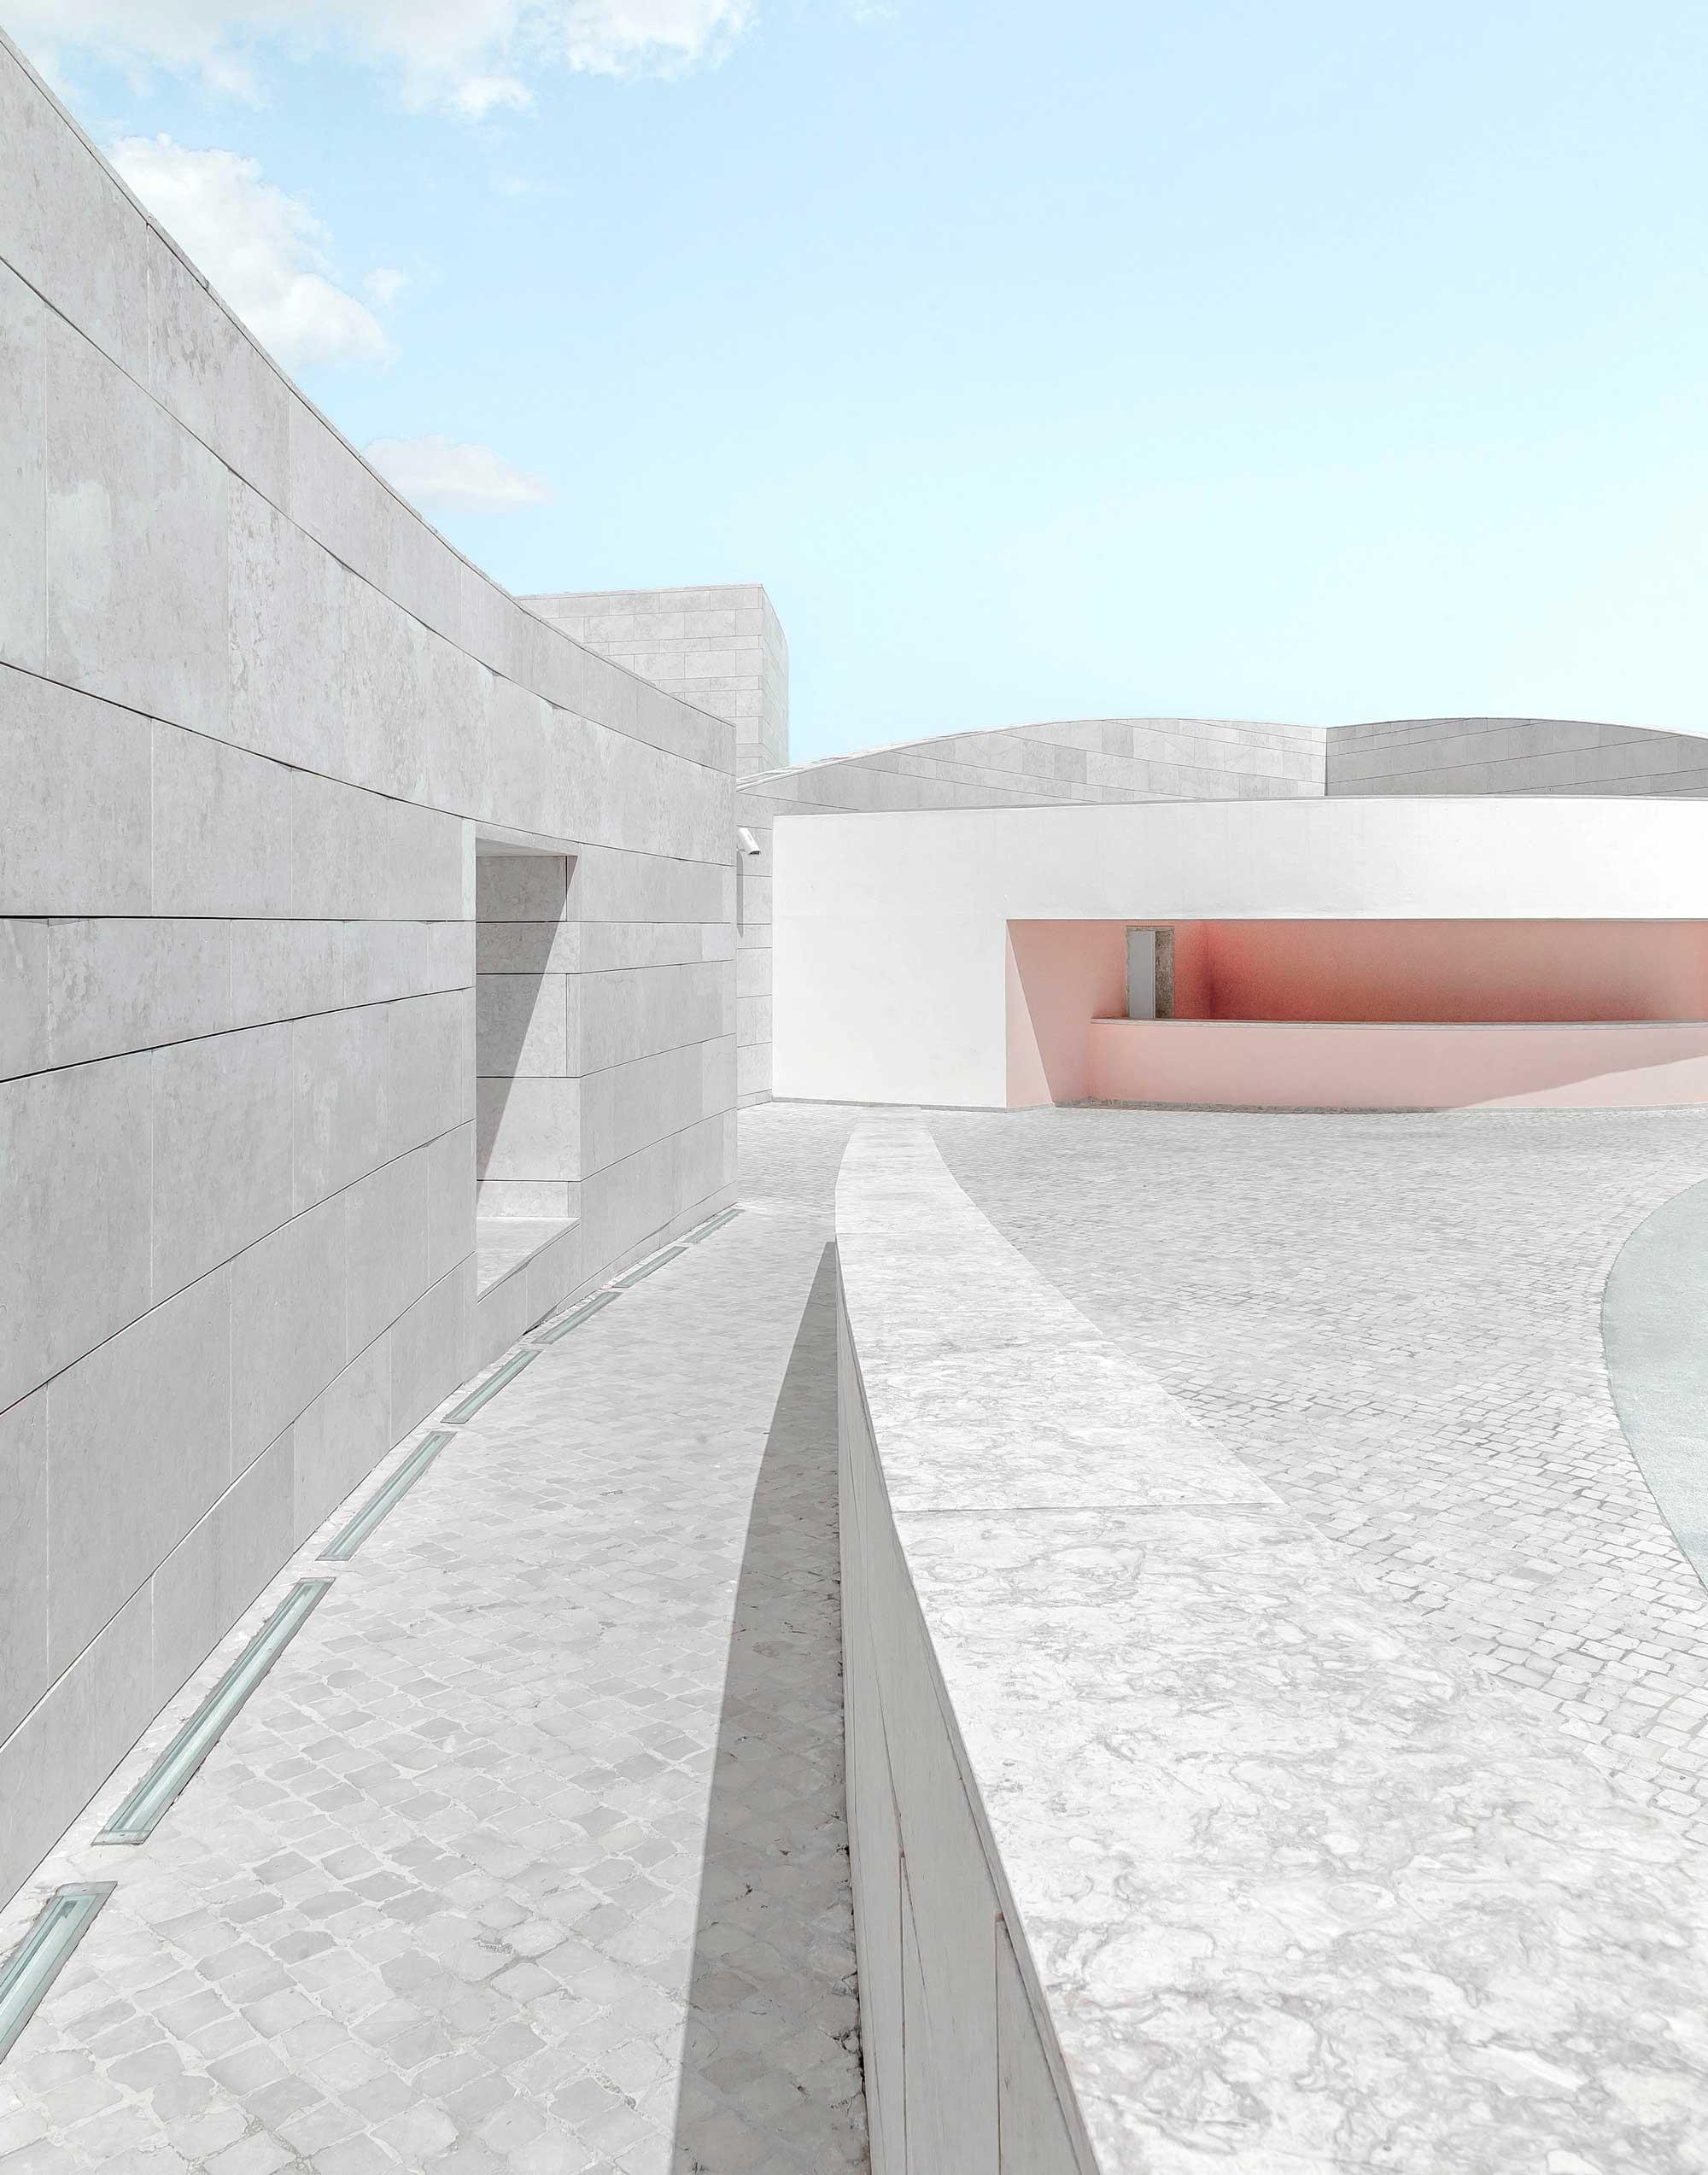 ¿Qué es arquitectura?